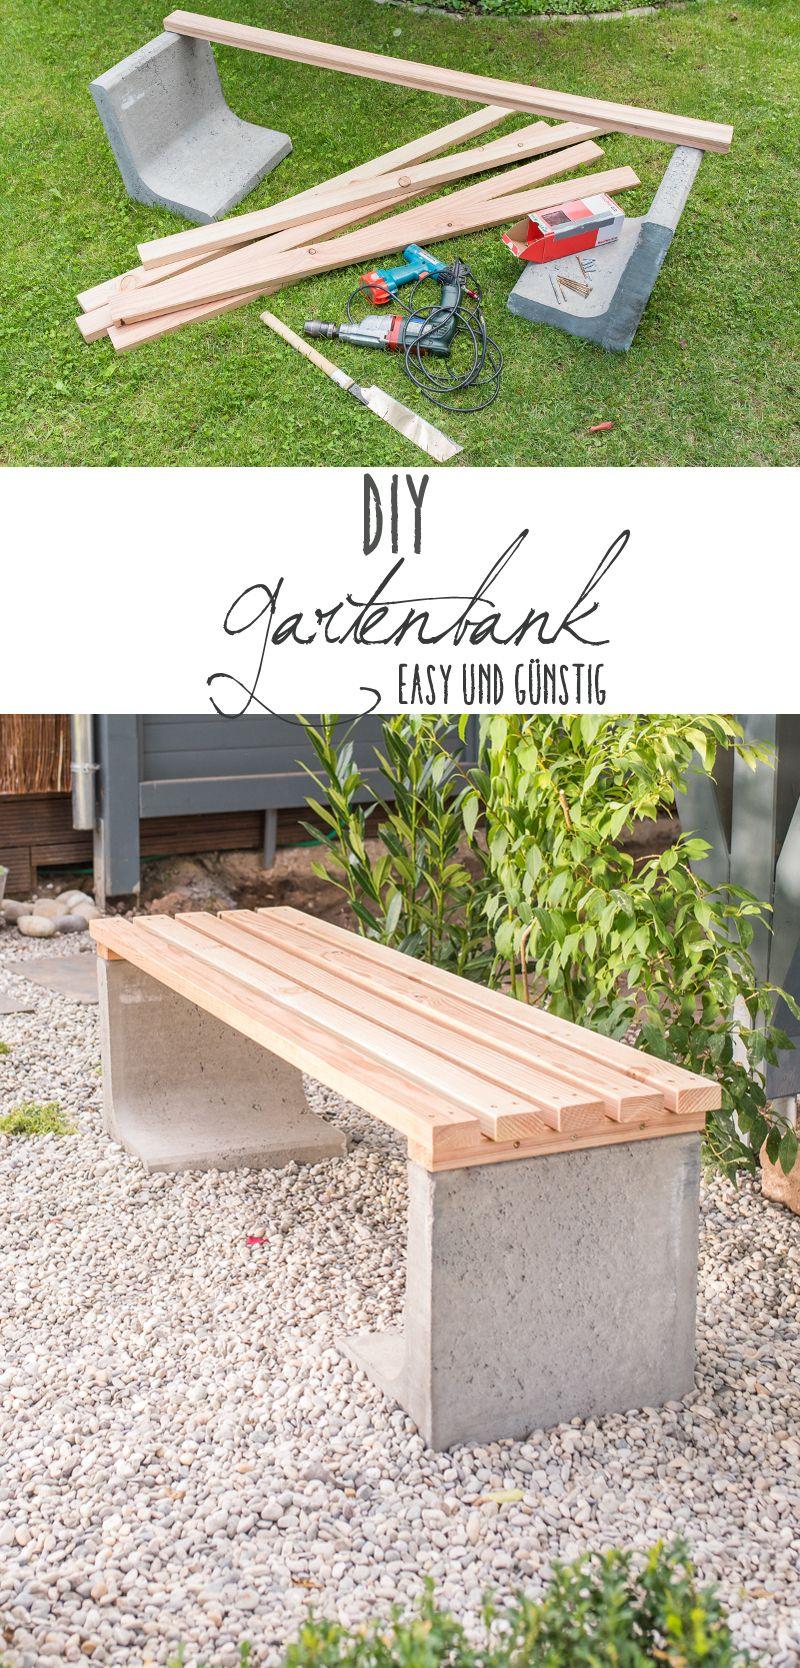 DIY - Gartenbank mit Beton und Holz | Gartenbänke, Holz und ...